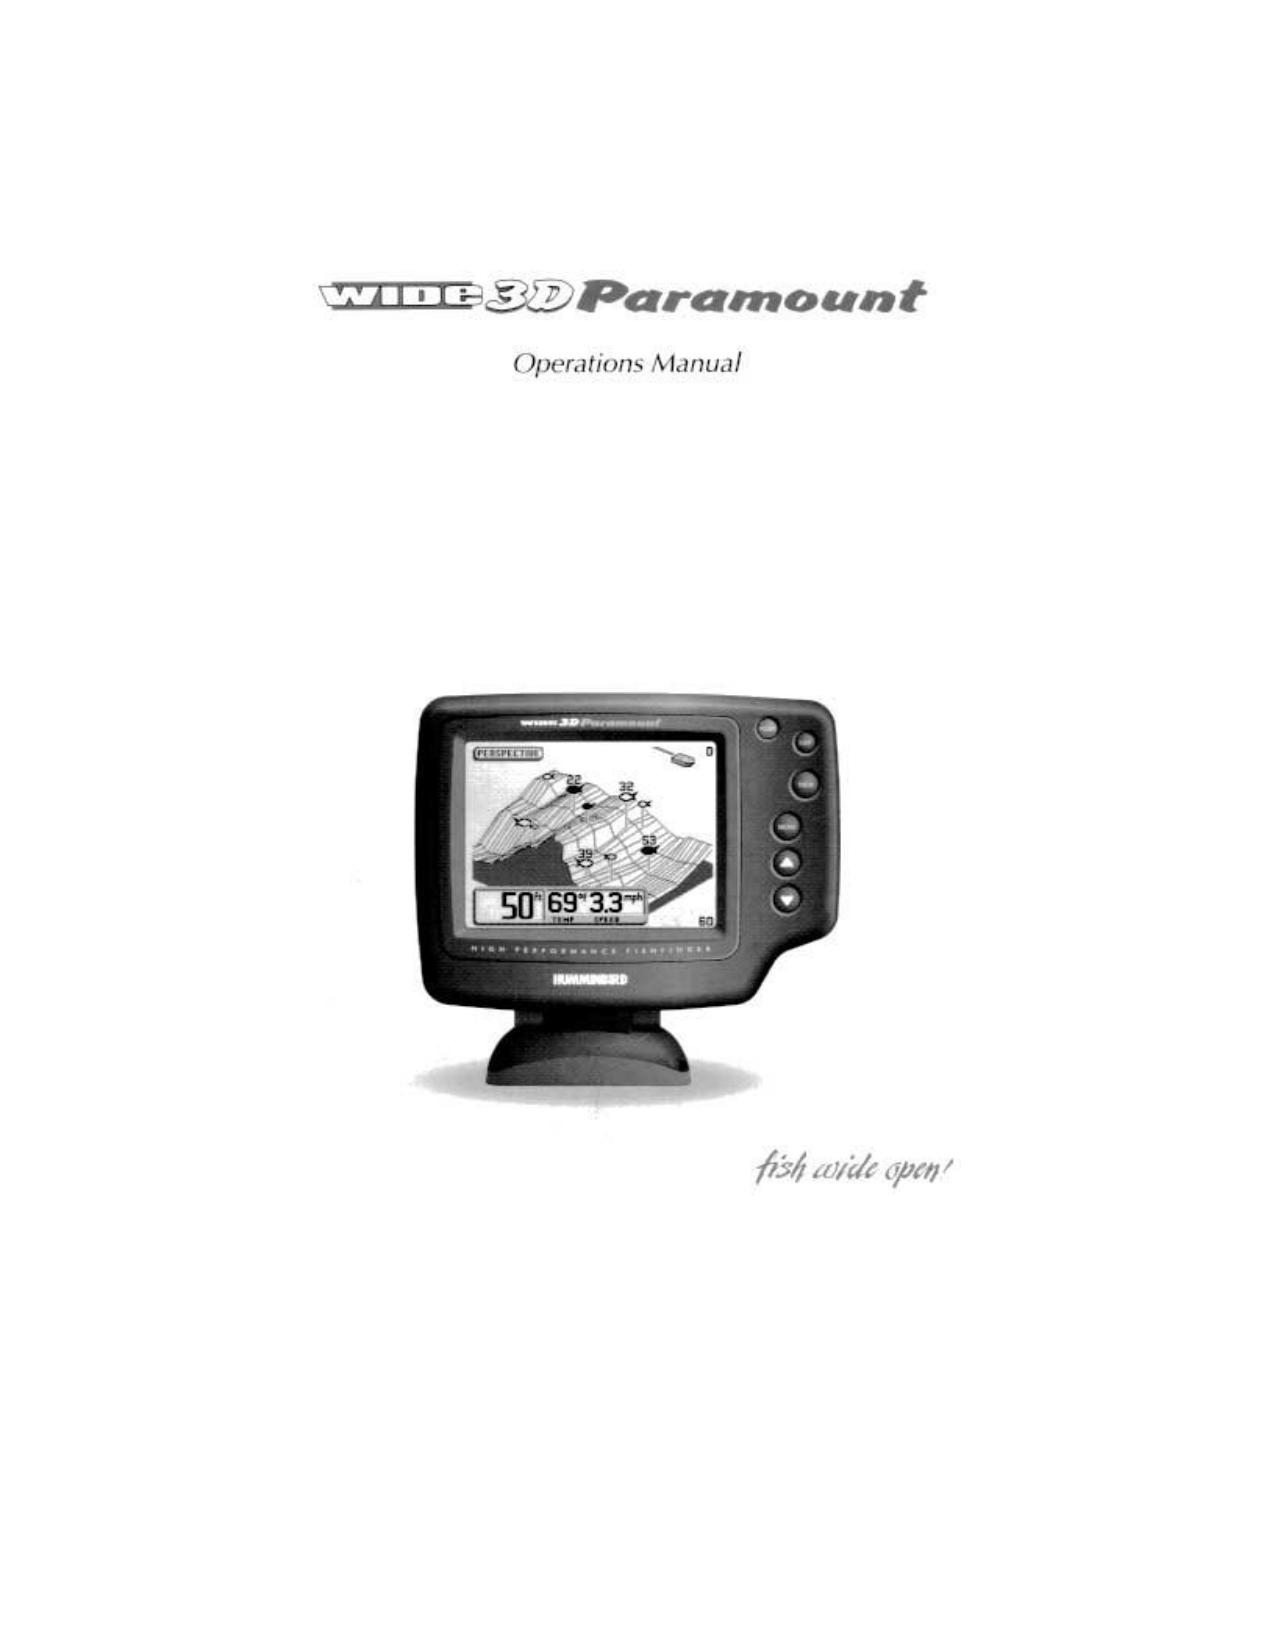 pdf for Humminbird GPS Wide 3D Paramount manual